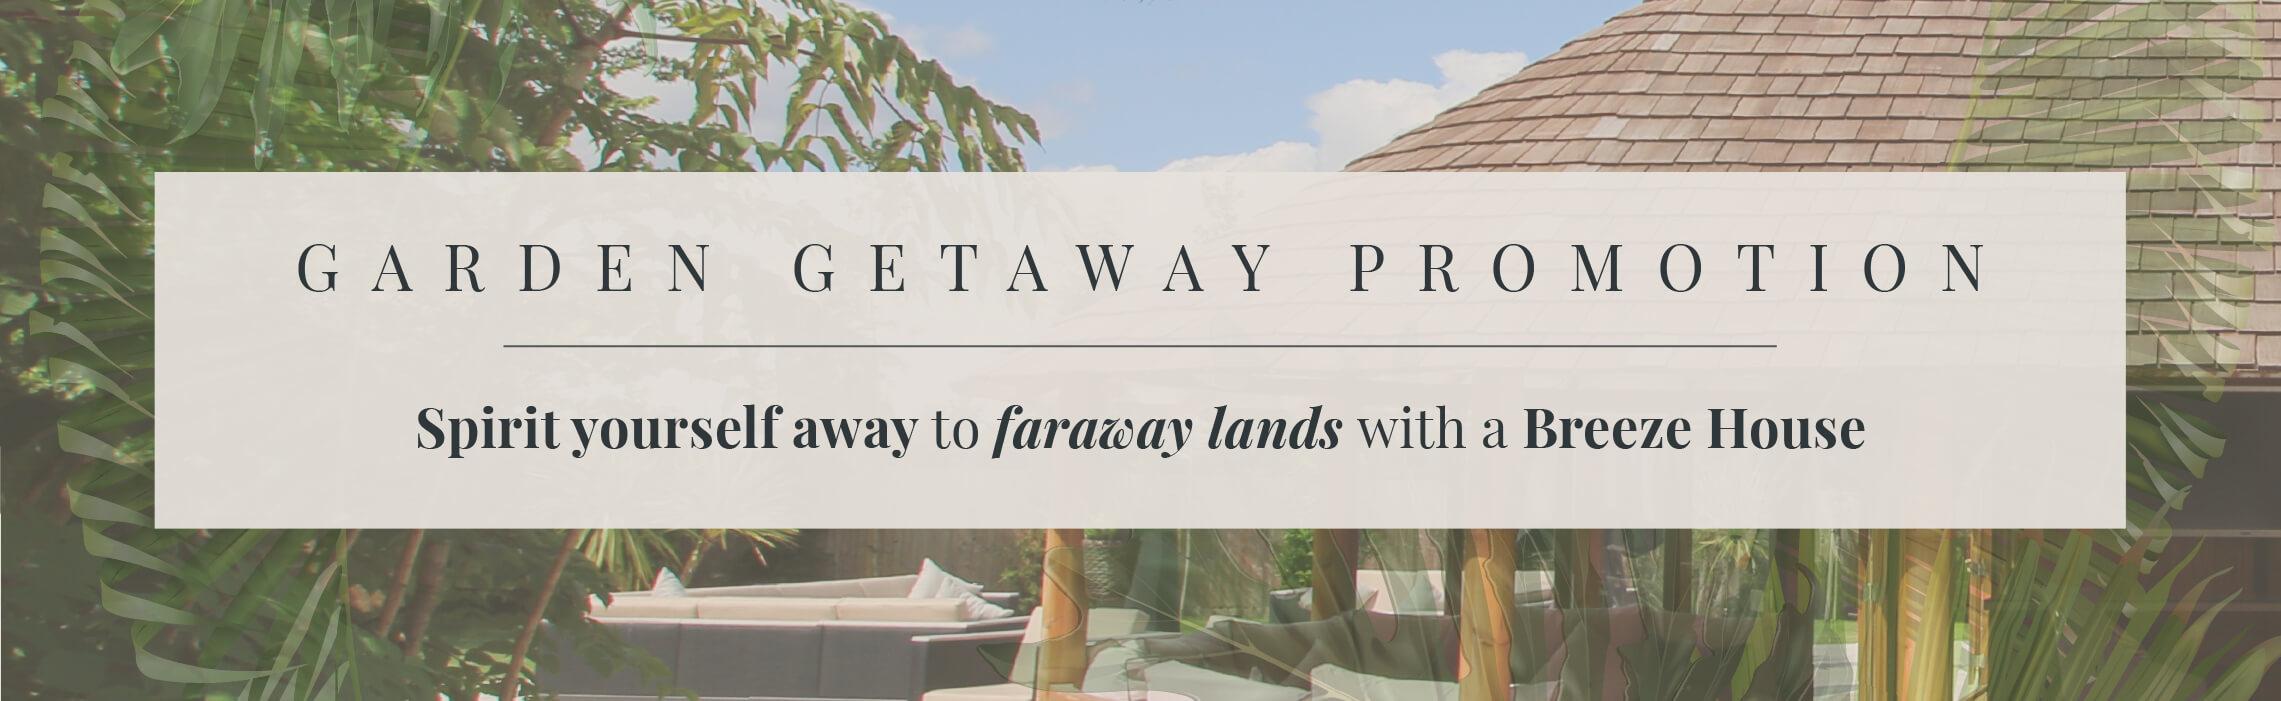 Garden Getaway promotion